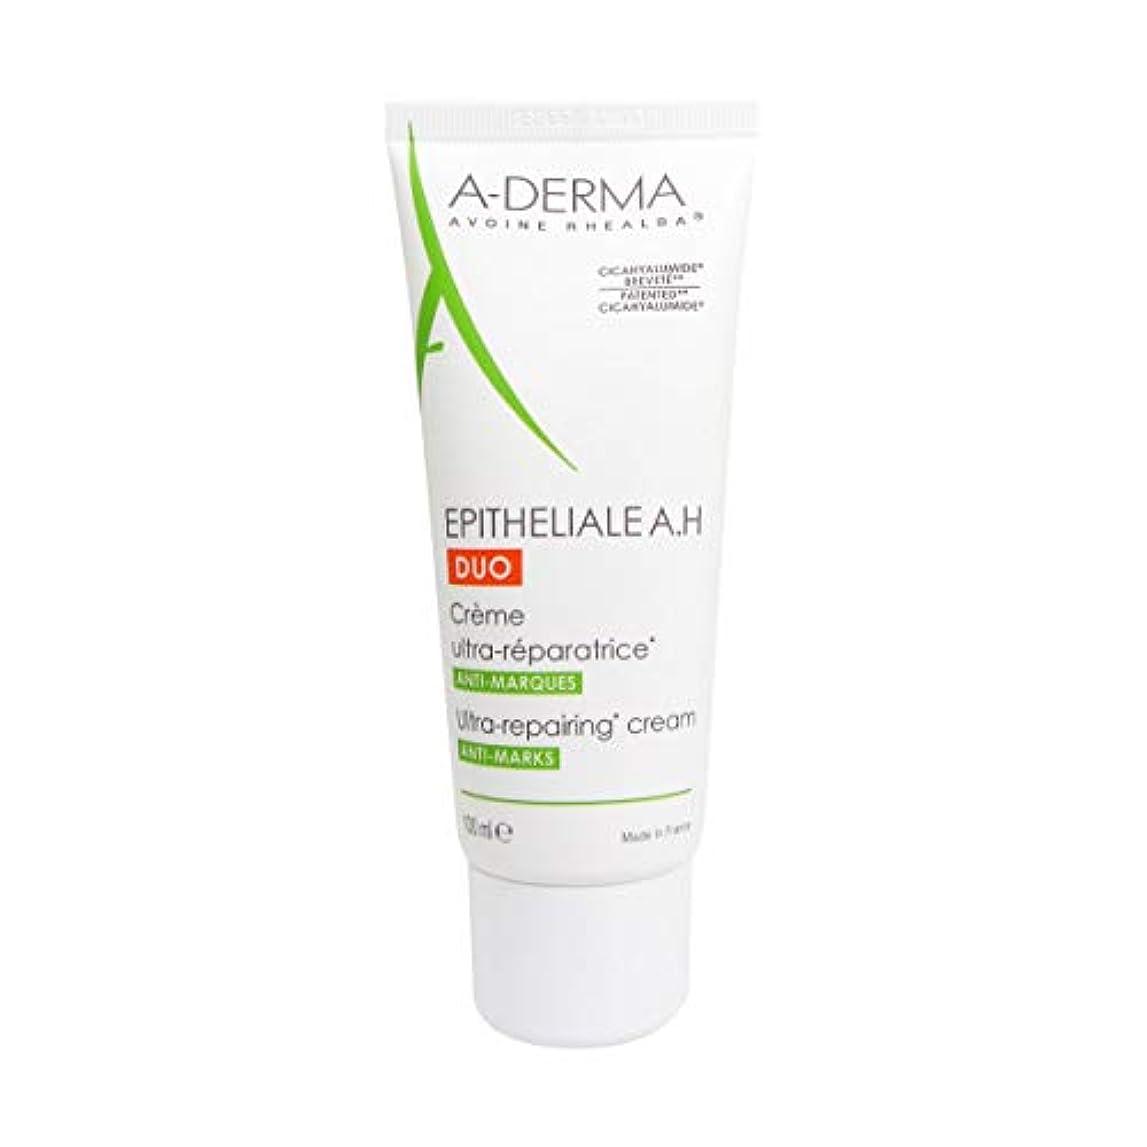 タフ宿題ねじれA-derma Epitheliale A.h. Duo Ultra-repairing Cream 100ml [並行輸入品]